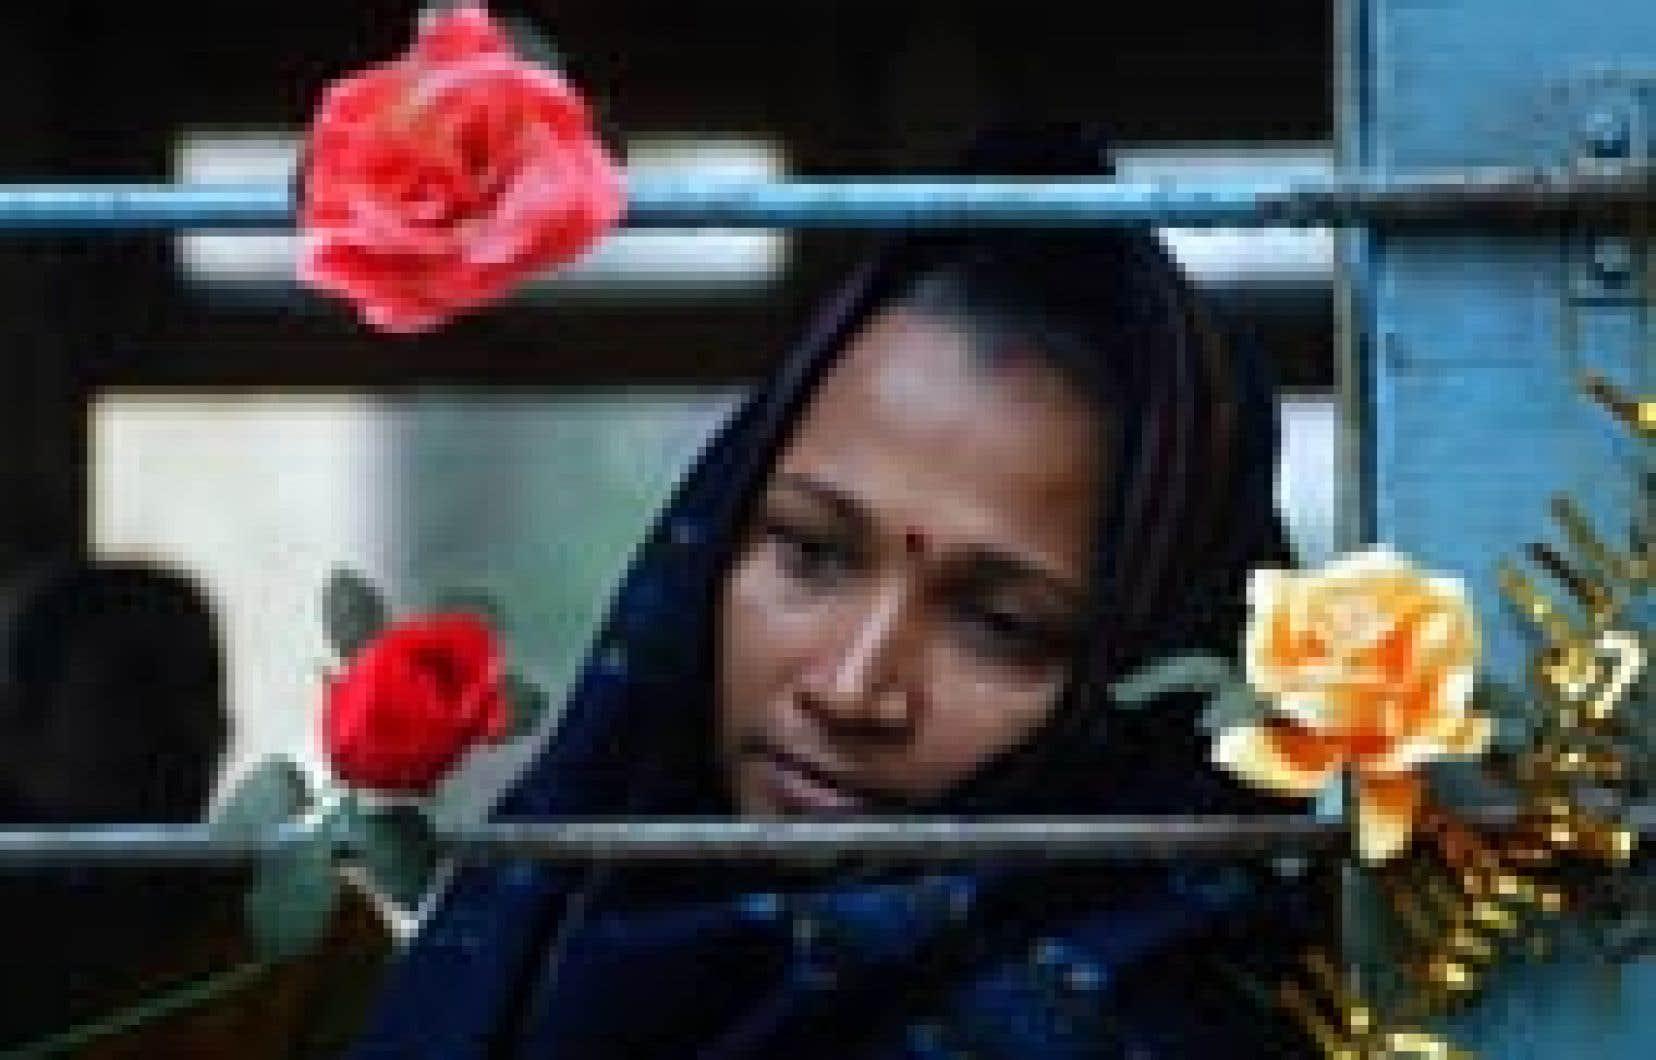 Une prostituée indienne regarde à travers la fenêtre d'un tramway converti en centre de prévention du sida, à Calcutta.